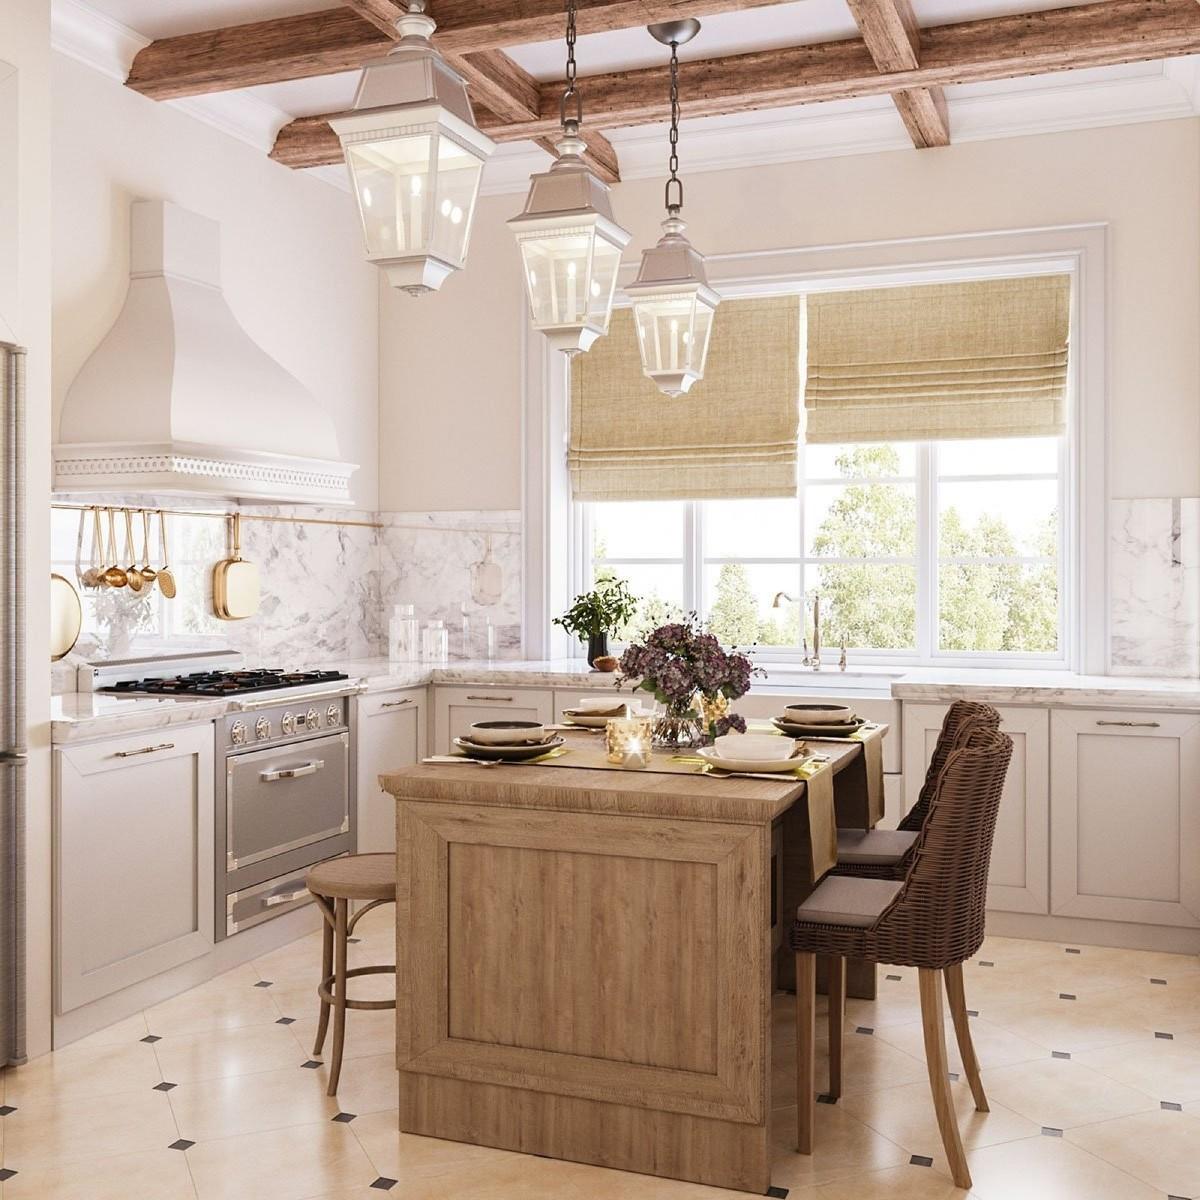 бежевая кухня с коричневыми балками в классическом стиле